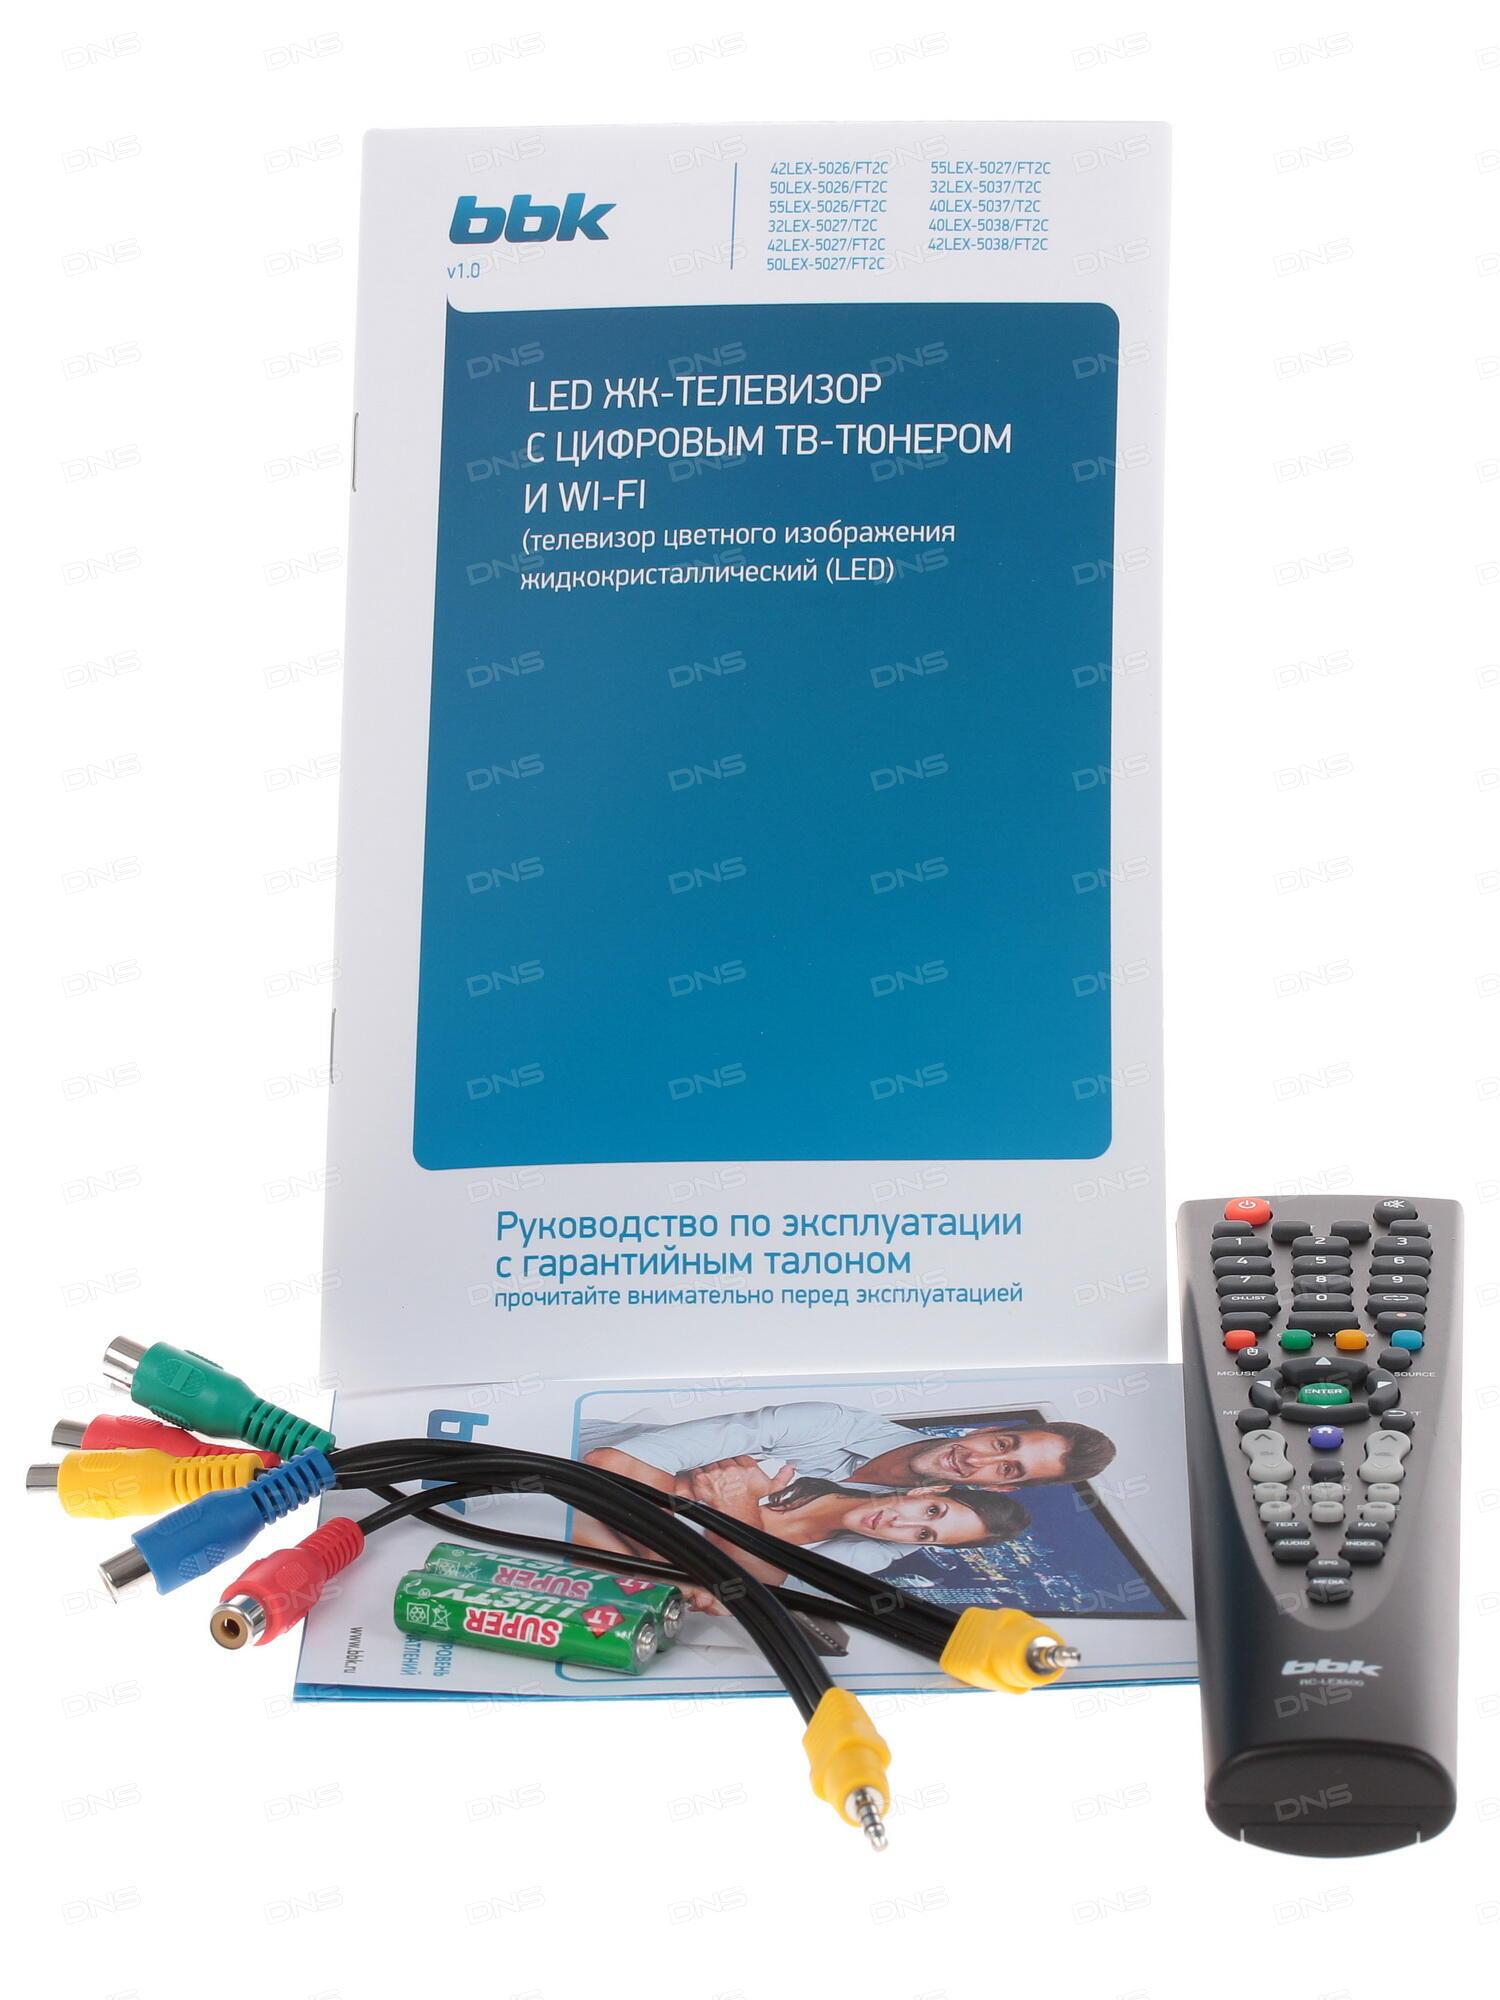 """Купить 50"""" (127 см) LED-телевизор BBK 50LEX-5026/FT2C черный в интернет магазине DNS. Характеристики, цена BBK 50LEX-5026/FT2C 1"""